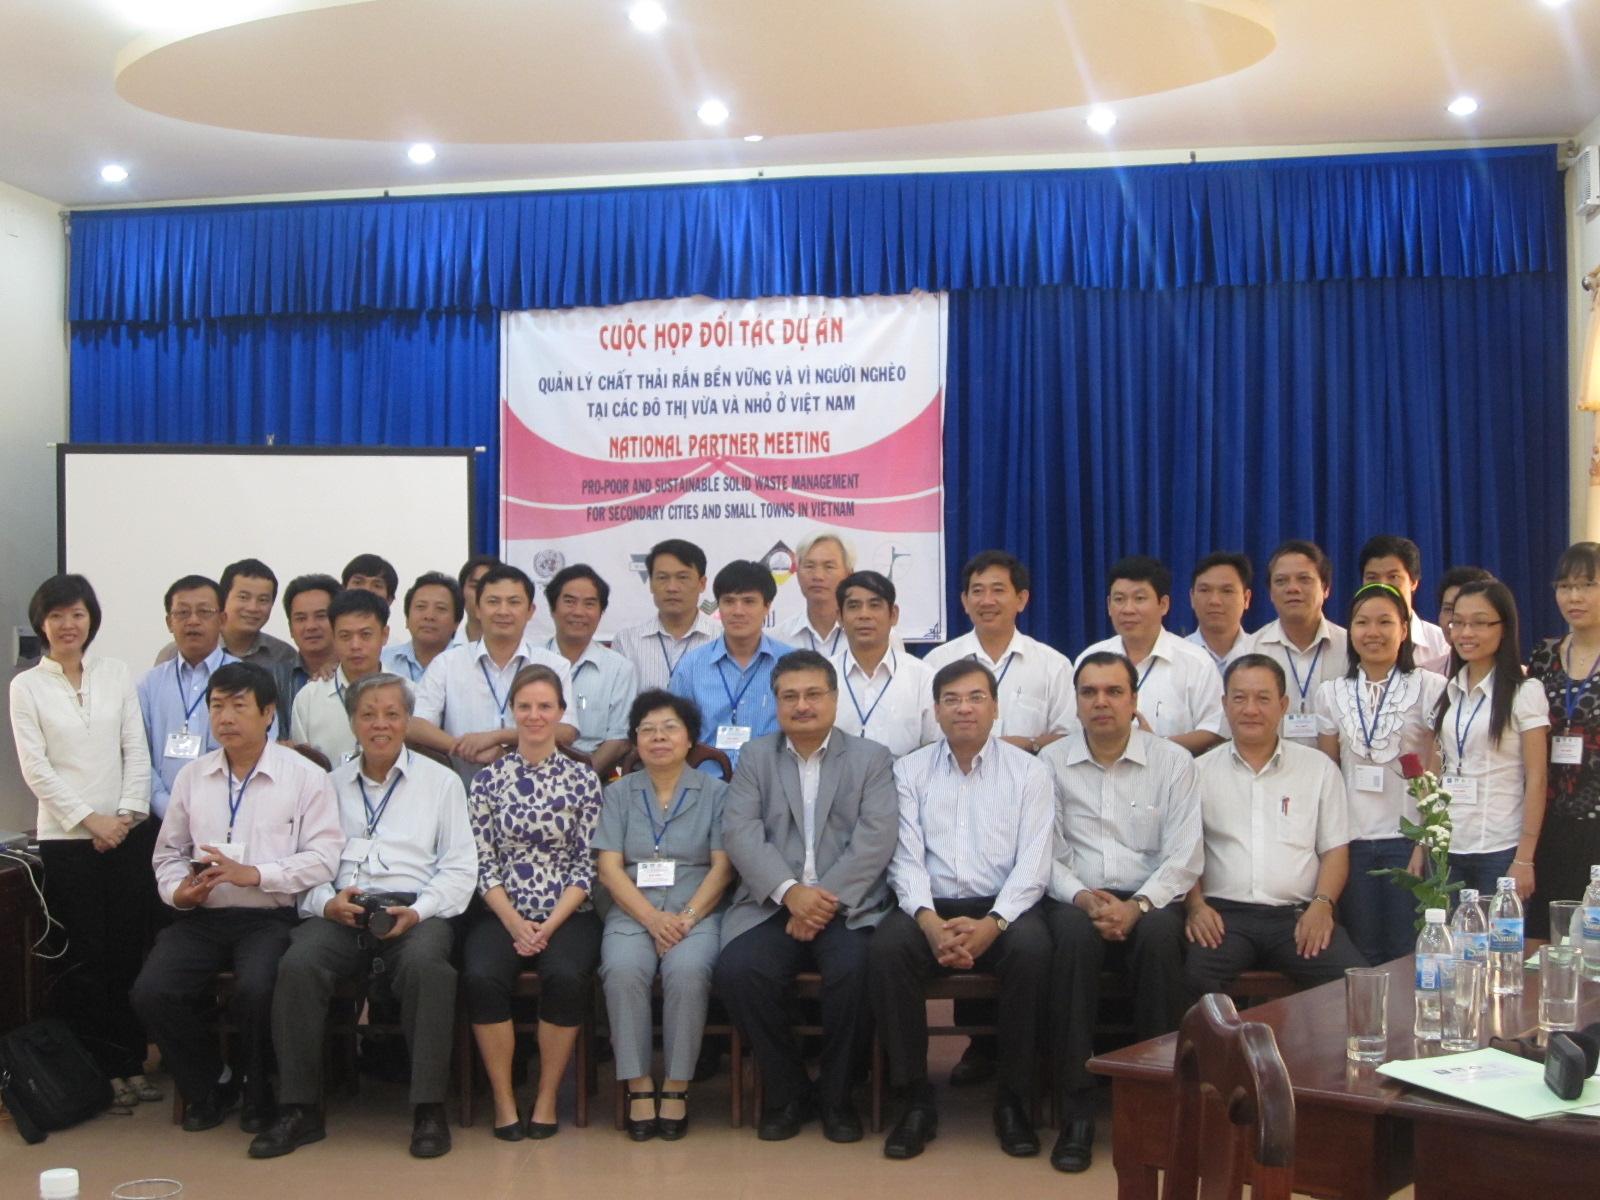 """Gặp mặt đối tác thực hiện dự án """"Quản lý chất thải rắn bền vững vì người nghèo tại các thành phố trung bình và nhỏ ở Việt Nam"""""""